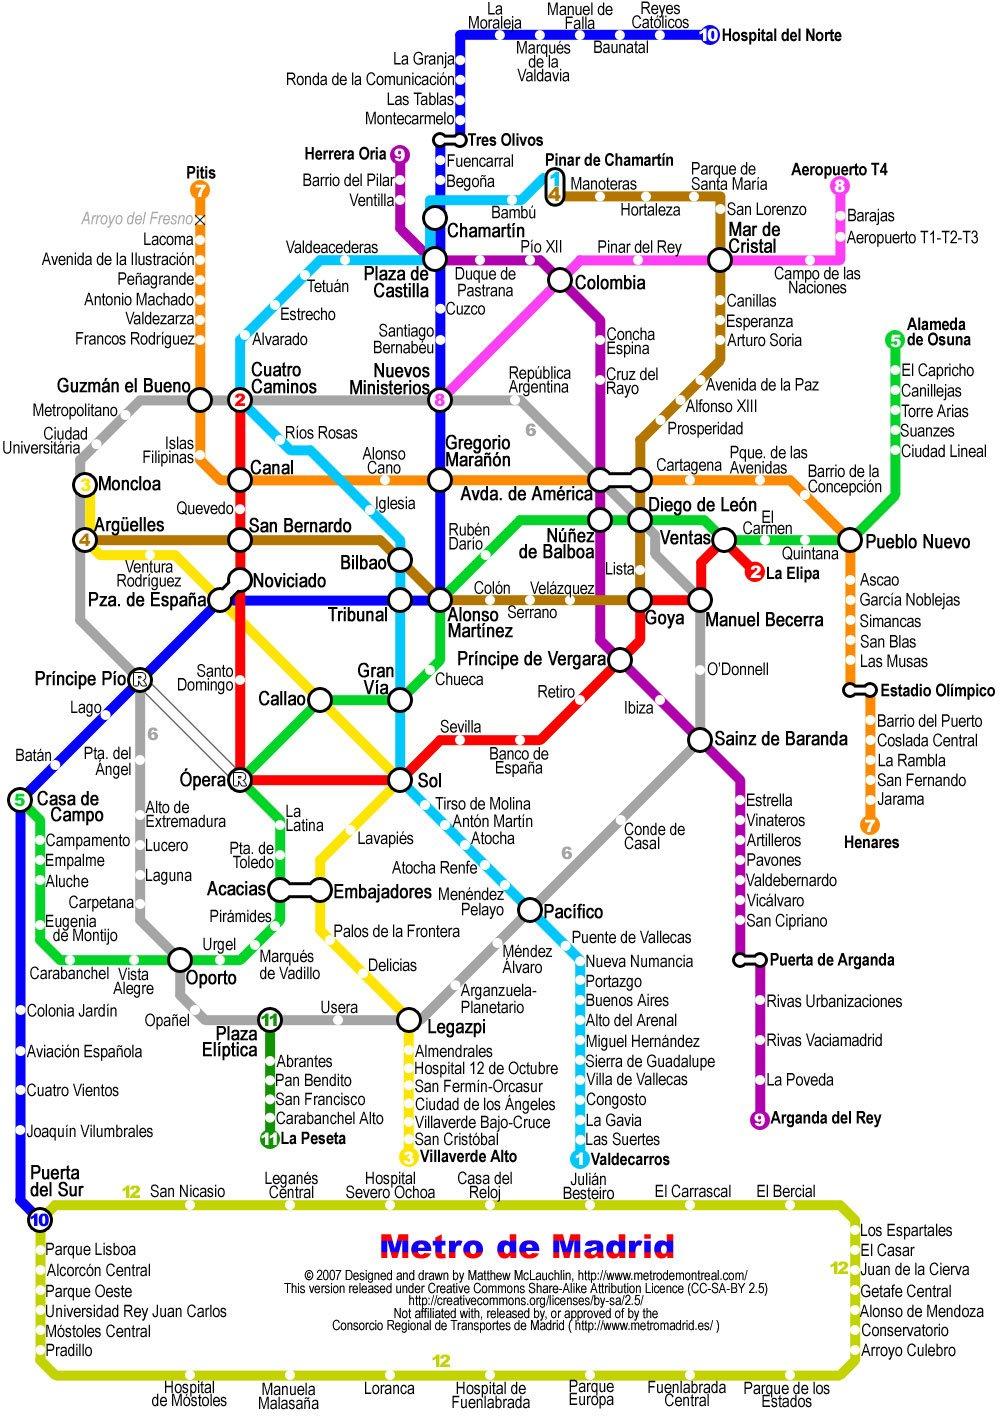 Схема мадридского метро